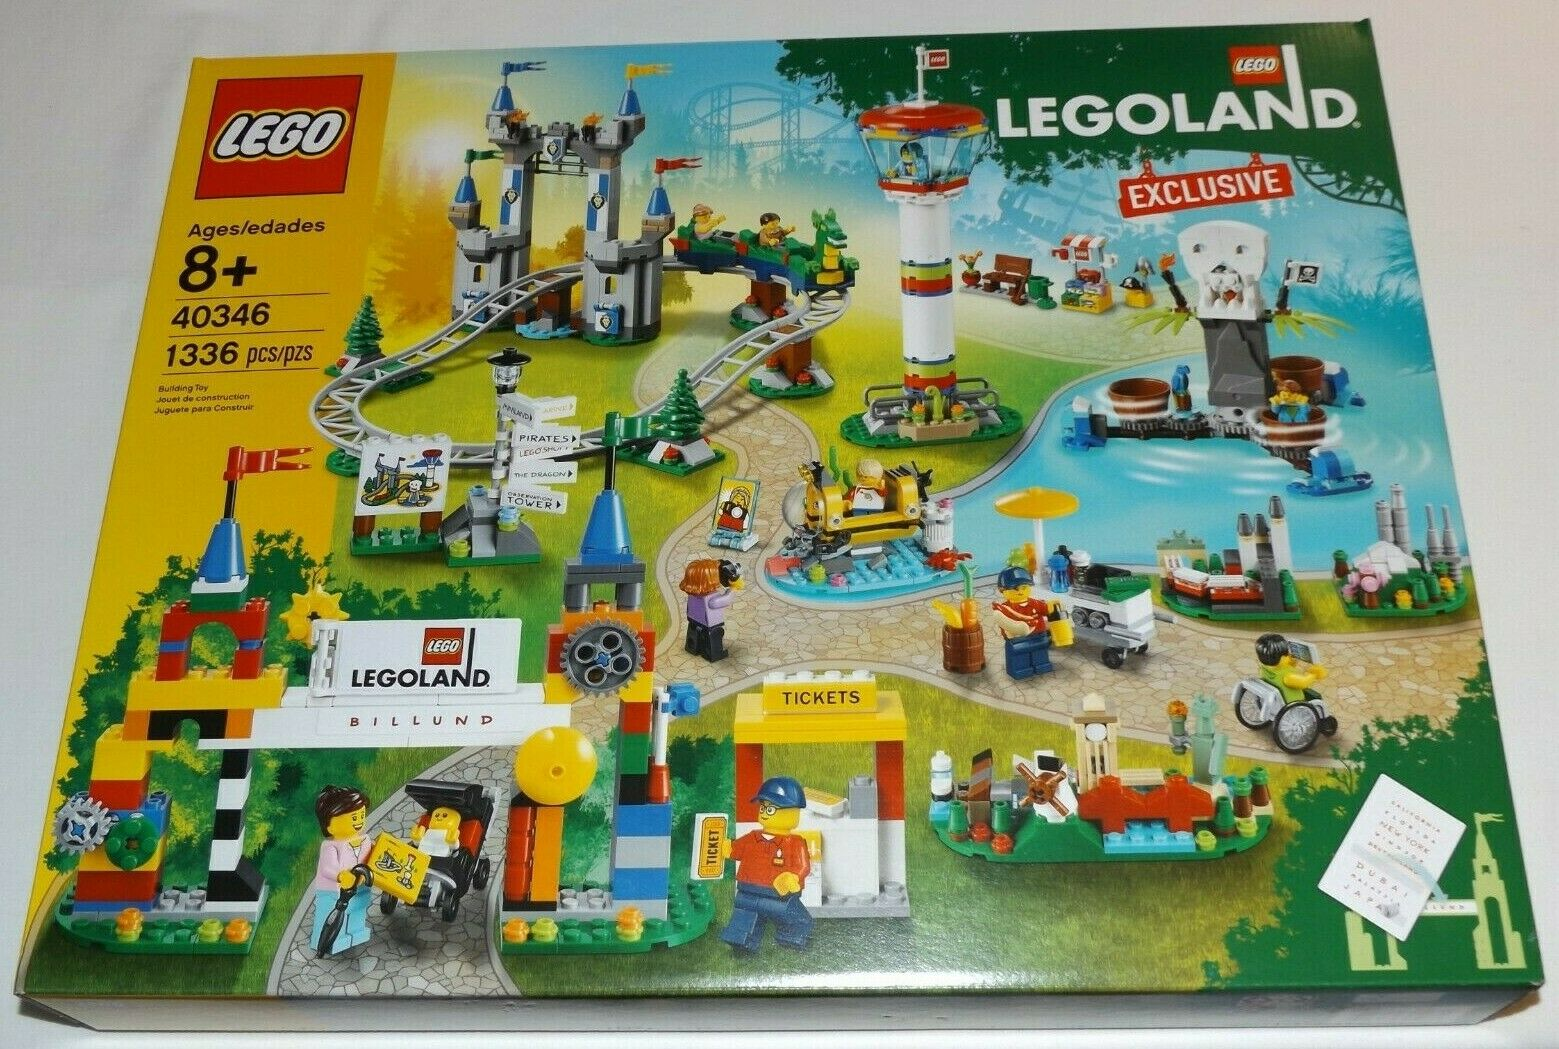 nuovo di marca LEGO 40346 LEGOLe store exclusive mini theme park Billund Billund Billund  molto popolare